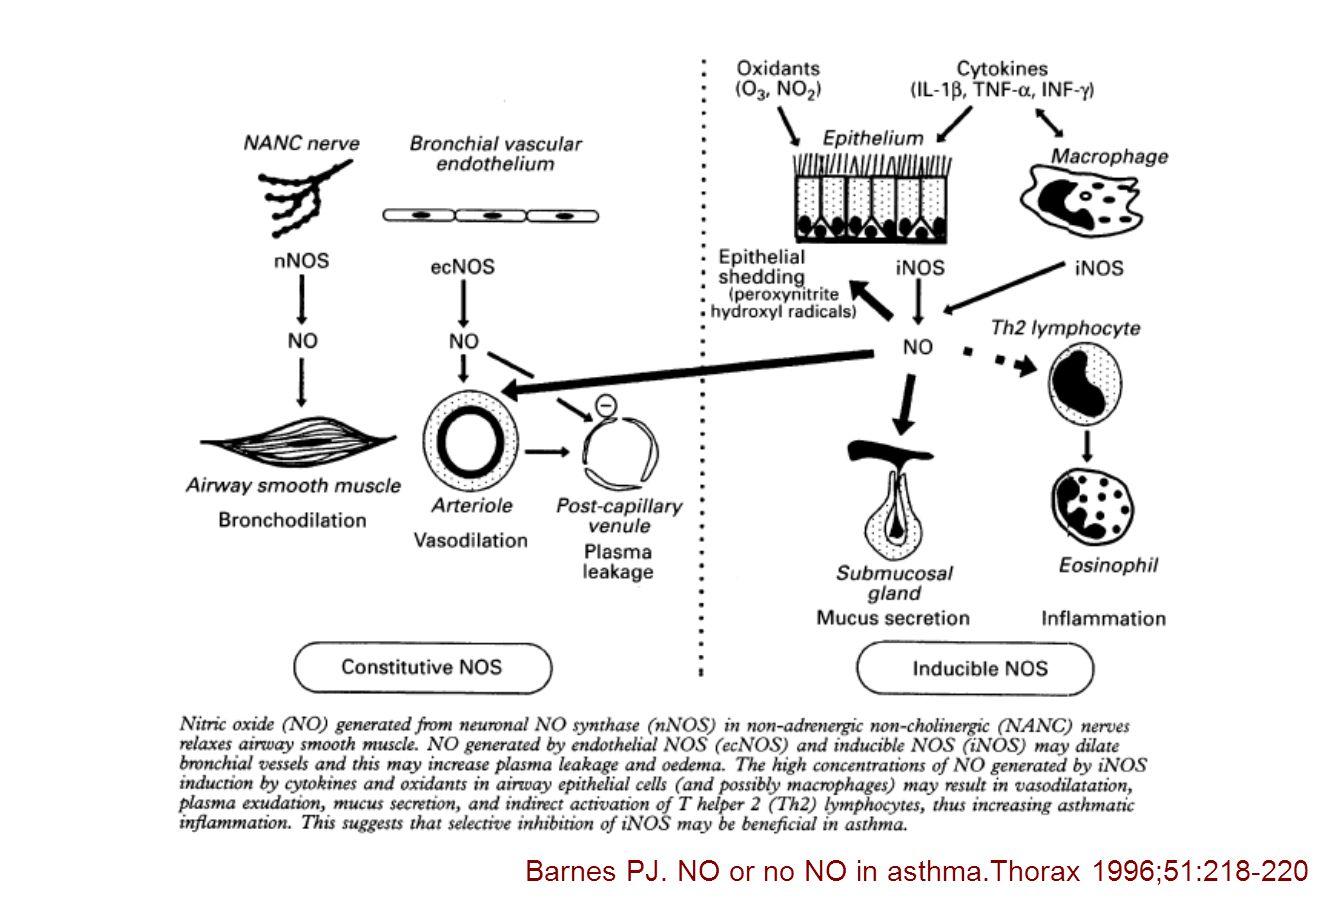 KOAH ve eNO Astımdan düşük (sigara içen veya içmeyen) – normalden farklı değil Sigara içimi – eNOS downregulasyonu Artmış oksidatif stres nedeniyle NO'nun peroksinitrite dönüşerek harcanması unstabil KOAH – stabile göre yüksek NO